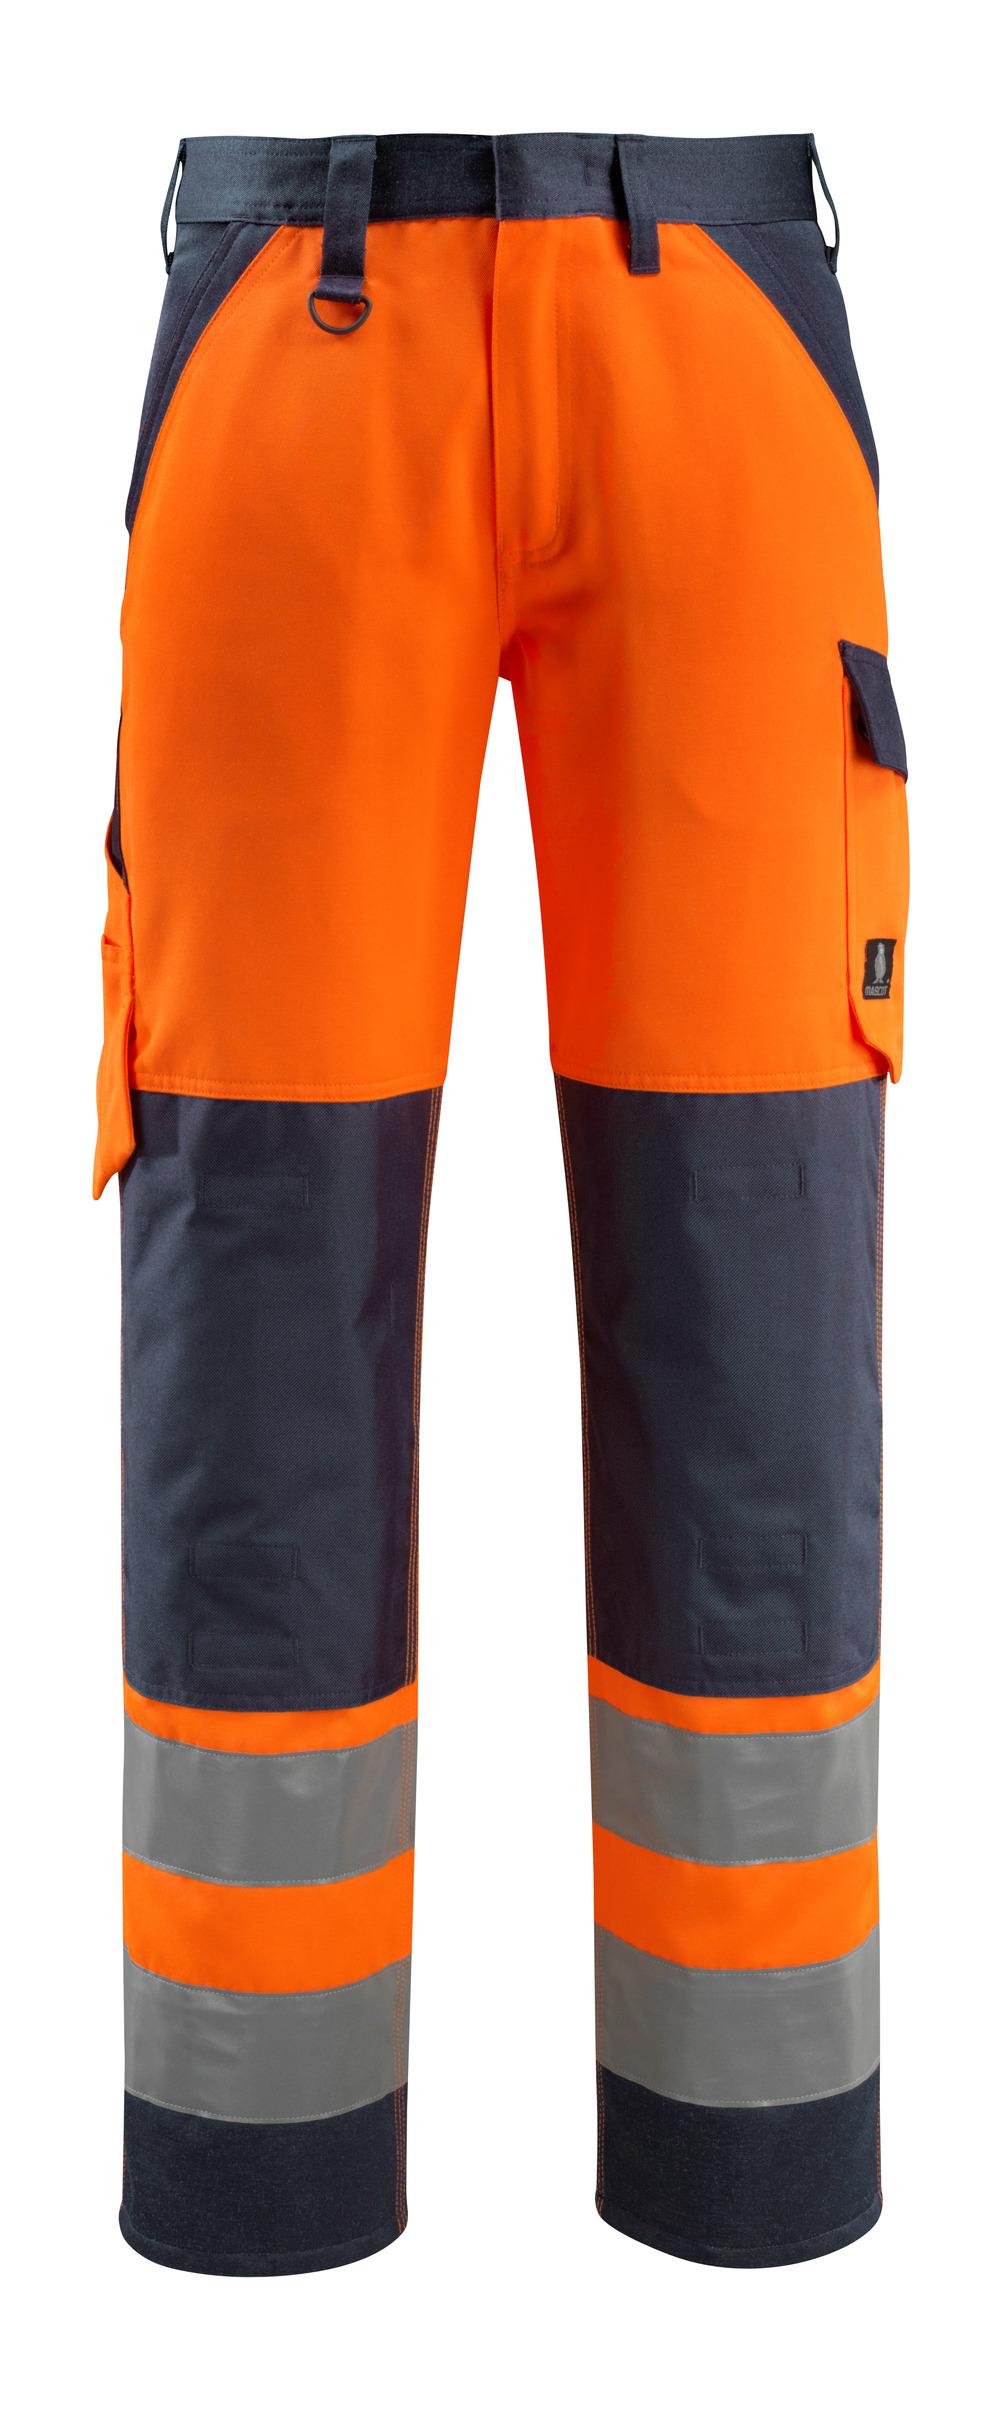 15979-948-14010 Trousers with kneepad pockets - hi-vis orange/dark navy